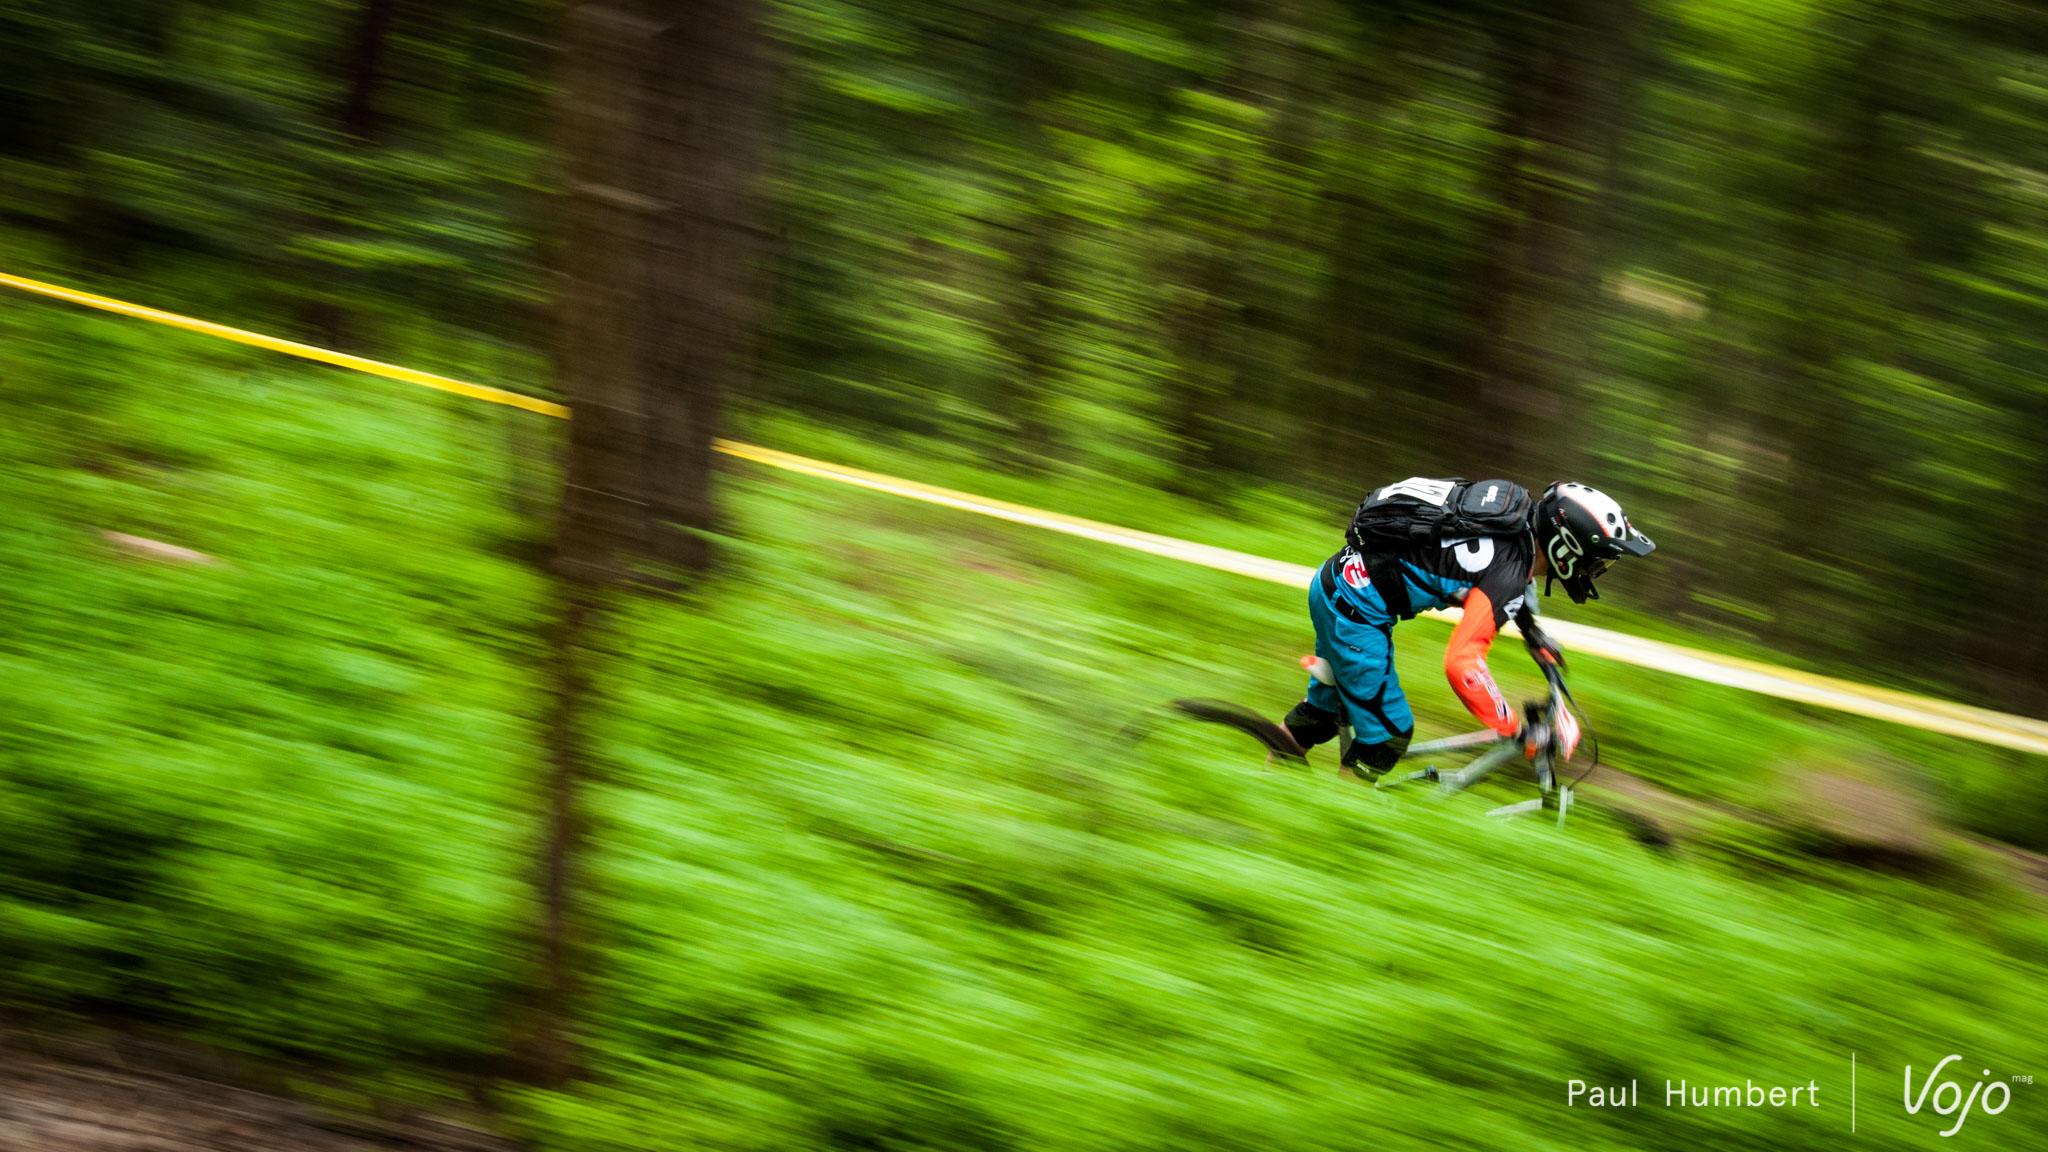 Raon-l-etape-vojo-2016-paul-humbert-39